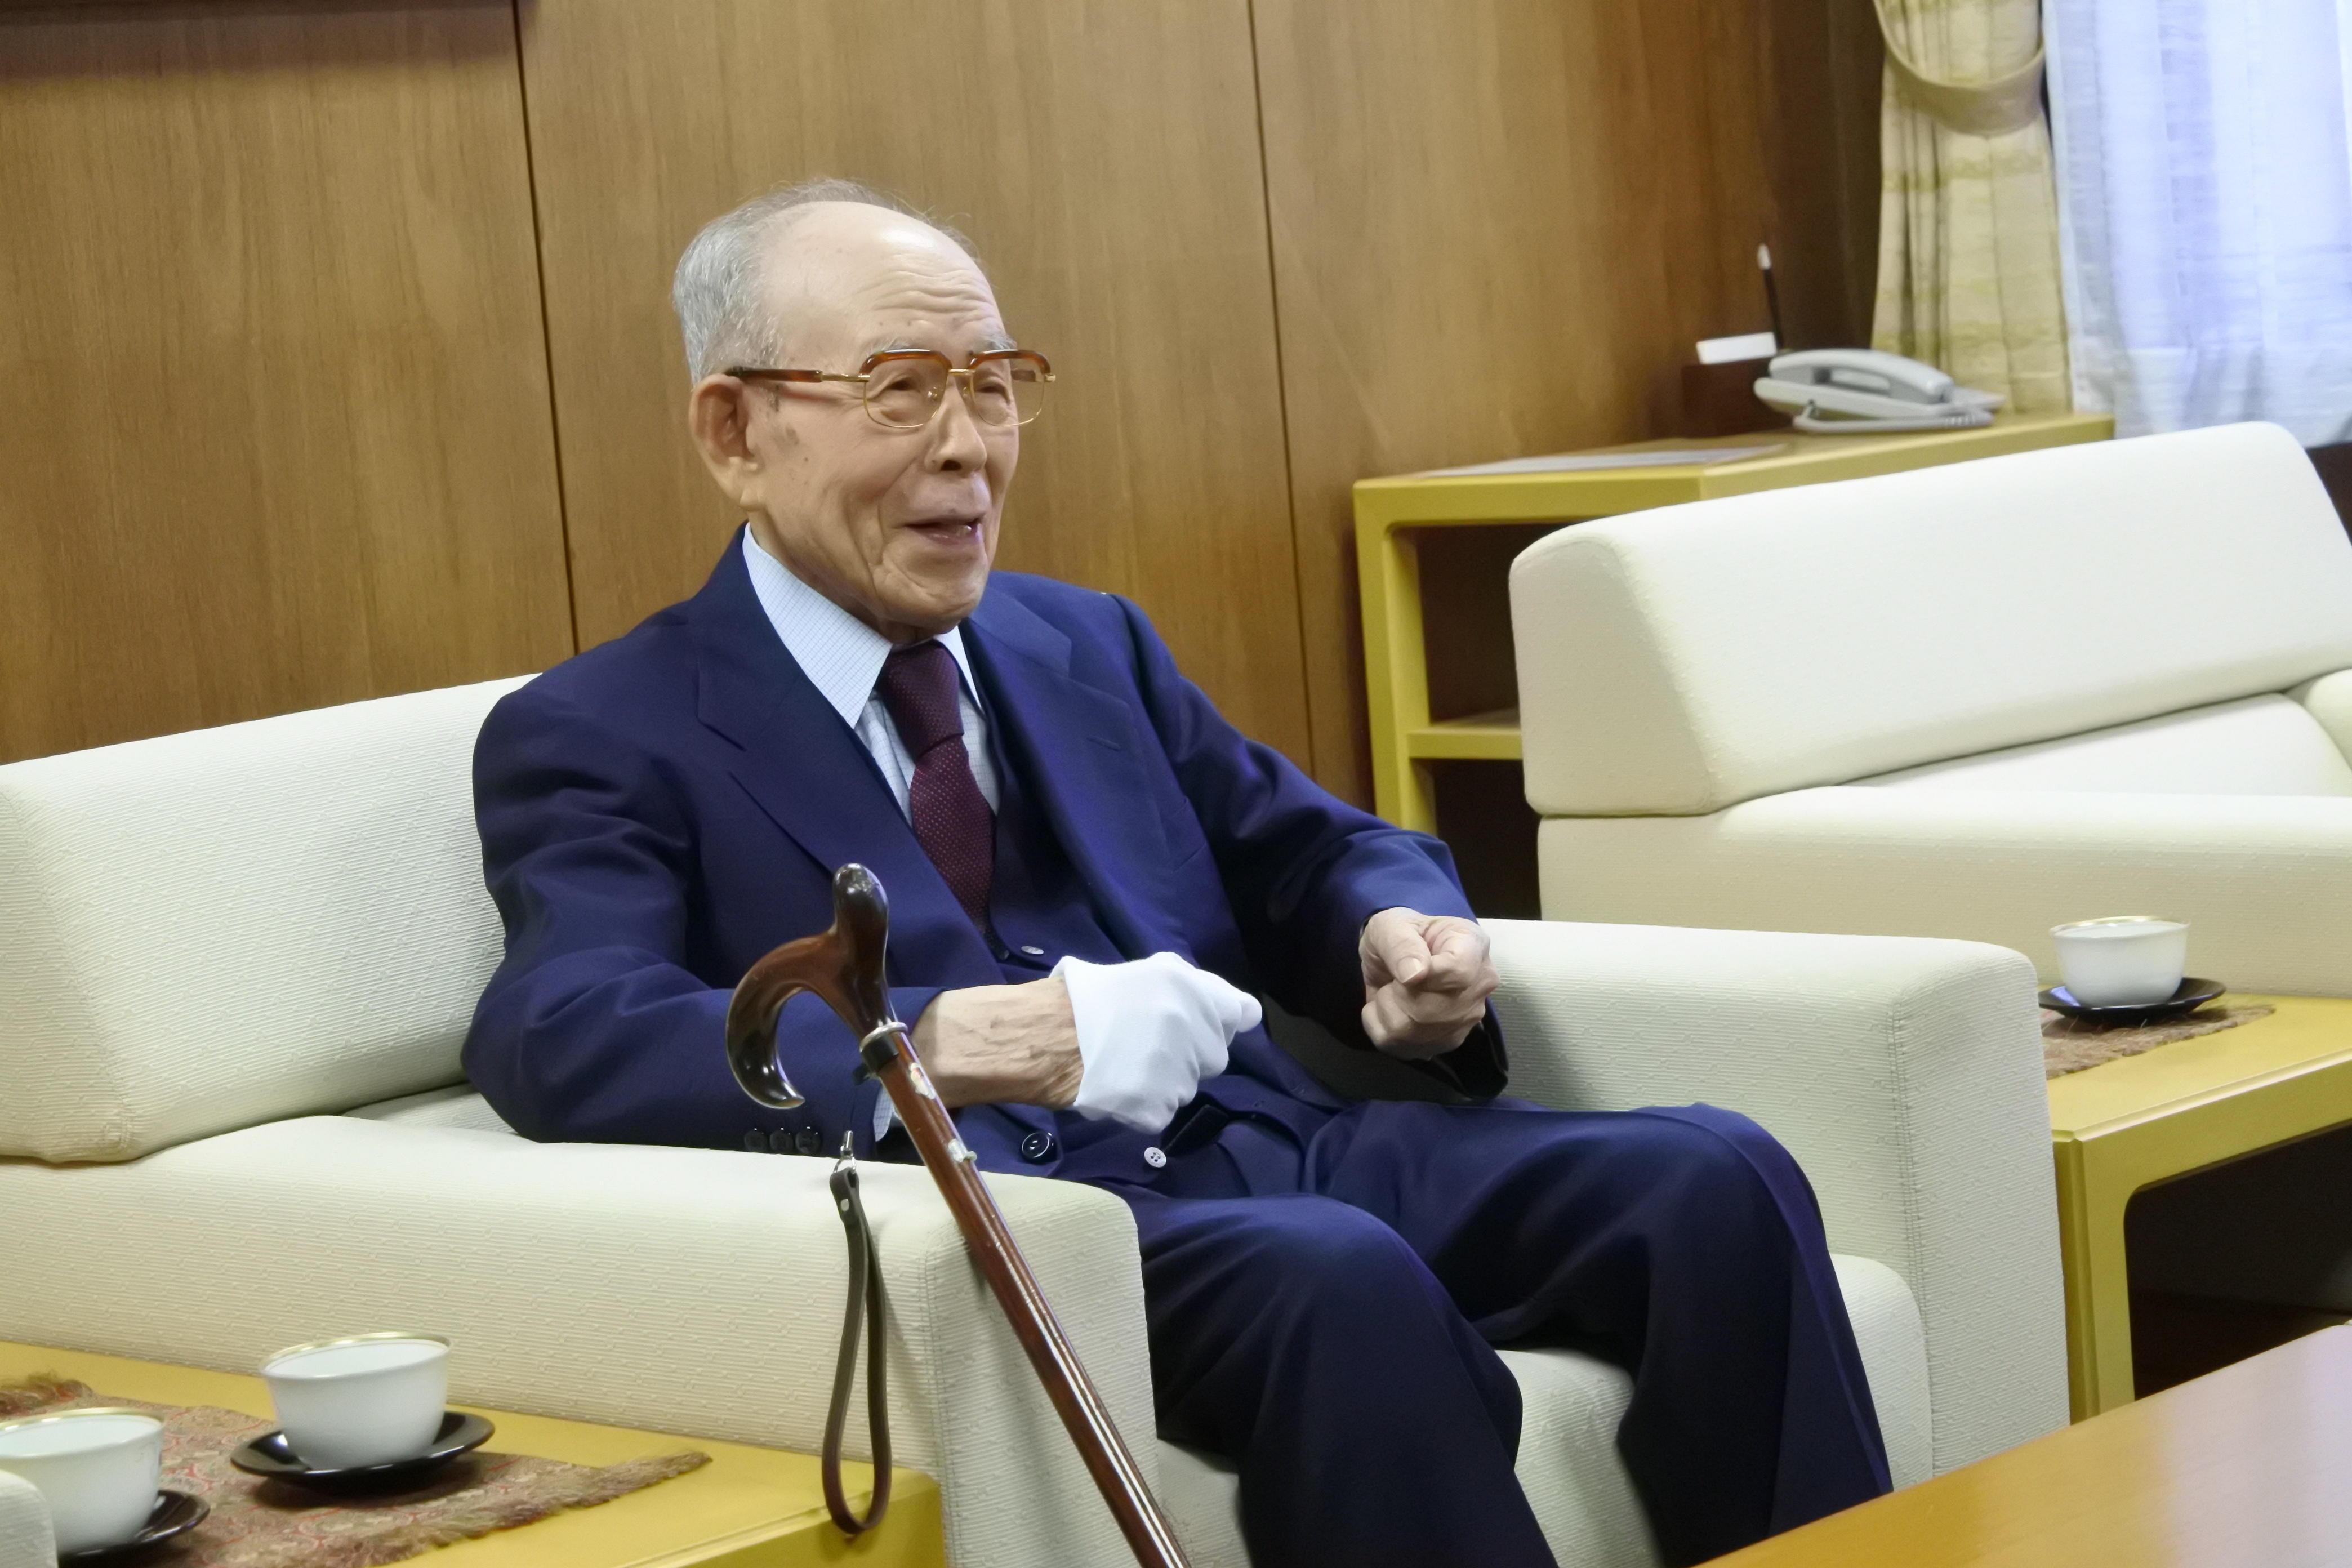 2019年4月17日、大野英男東北大学総長らが天白キャンパスを訪れた際に面会した赤﨑勇終身教授・特別栄誉教授